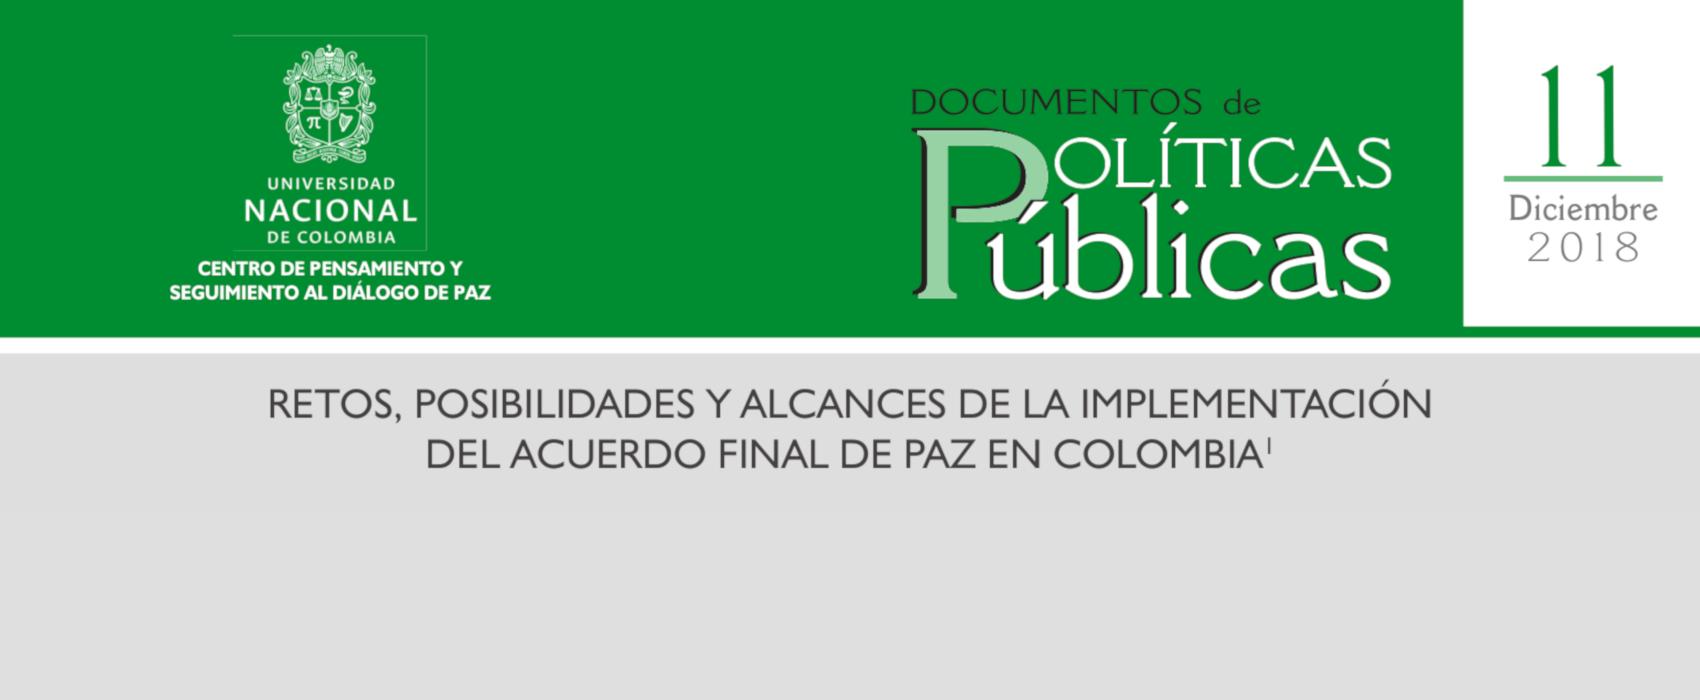 11. «Retos, posibilidades y alcances de la implementación del acuerdo final de paz en Colombia»